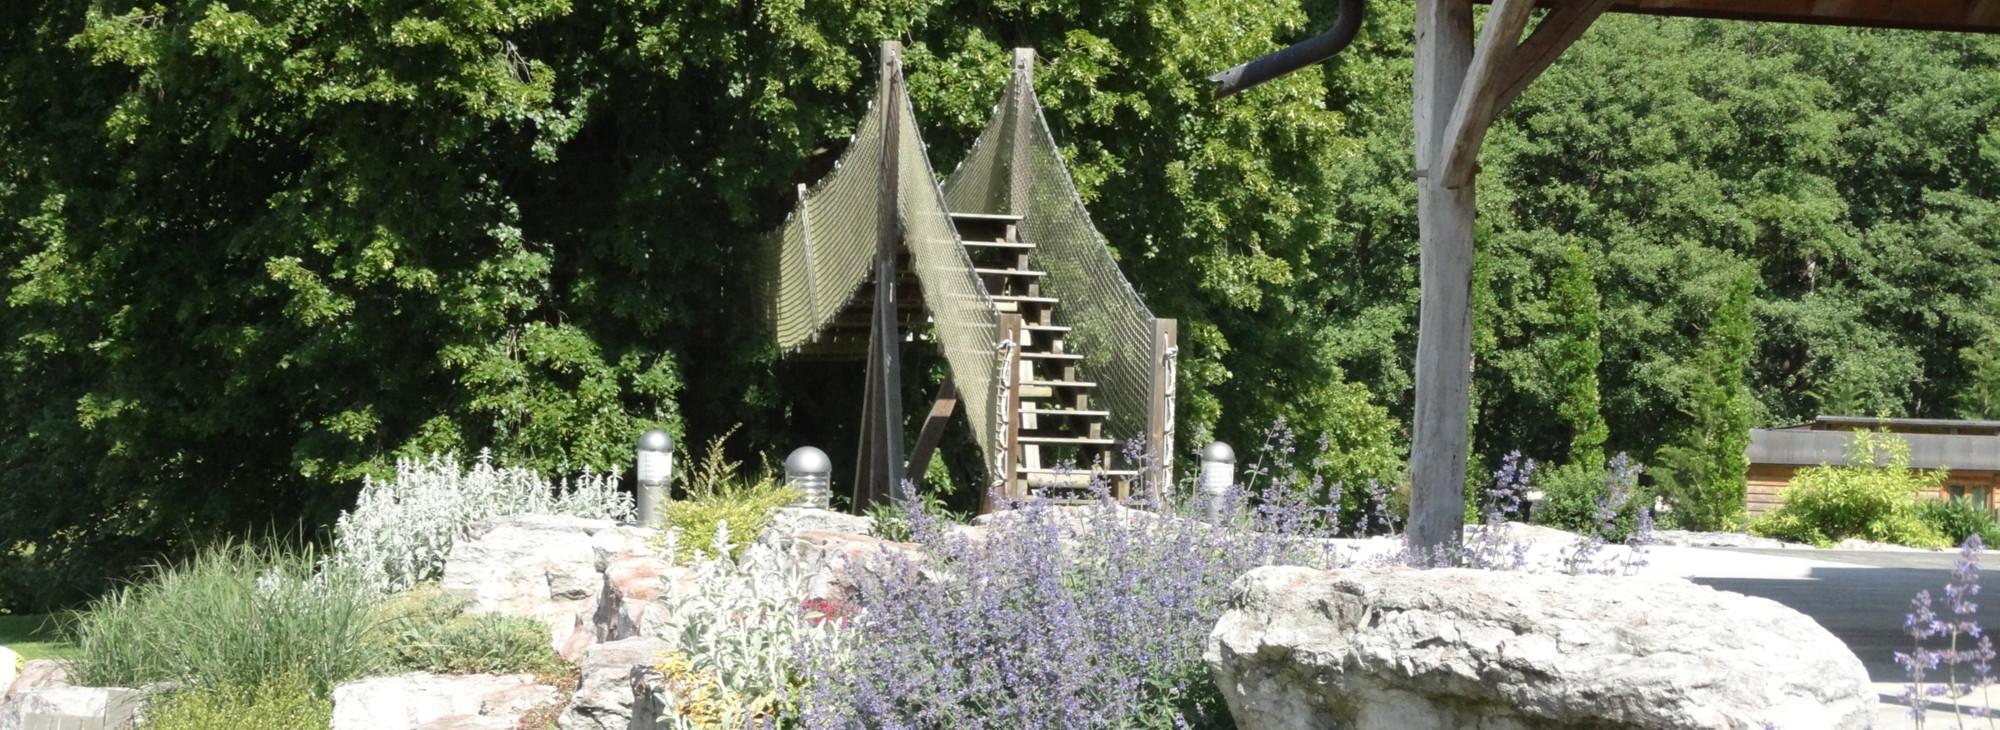 construction de cabanes sur pilotis ou dans les arbres galoupi. Black Bedroom Furniture Sets. Home Design Ideas